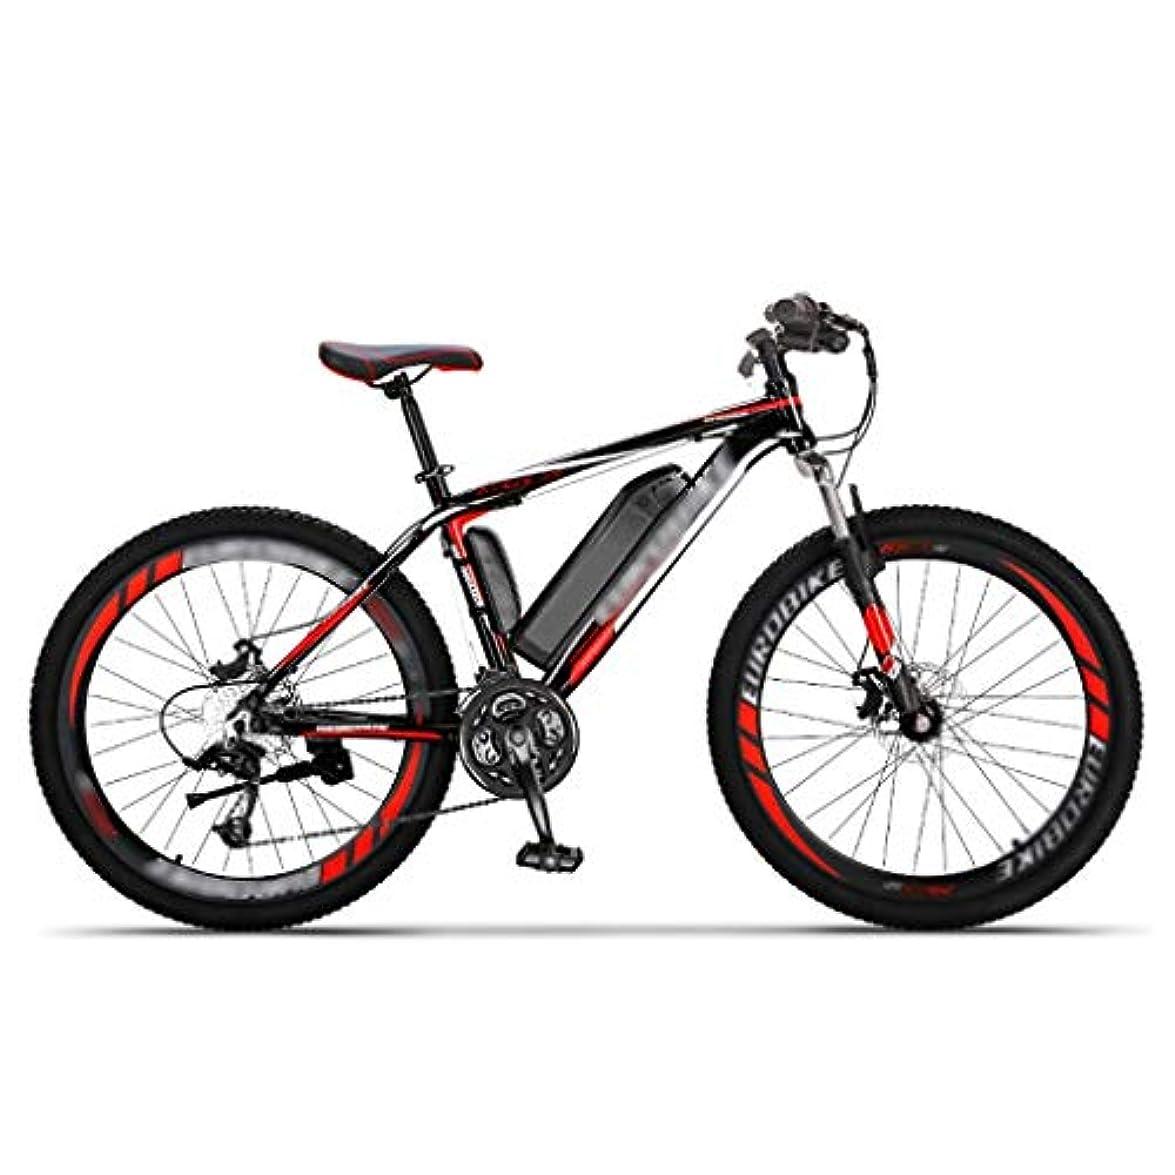 トリクル朝食を食べるラジカル26「」電気マウンテンバイク、36Vバッテリー、250Wモーター、電動自転車27スピードギアと、次の3つの動作モード、アルミニウム合金翼型フレーム、毎時35キロ、道路の自転車